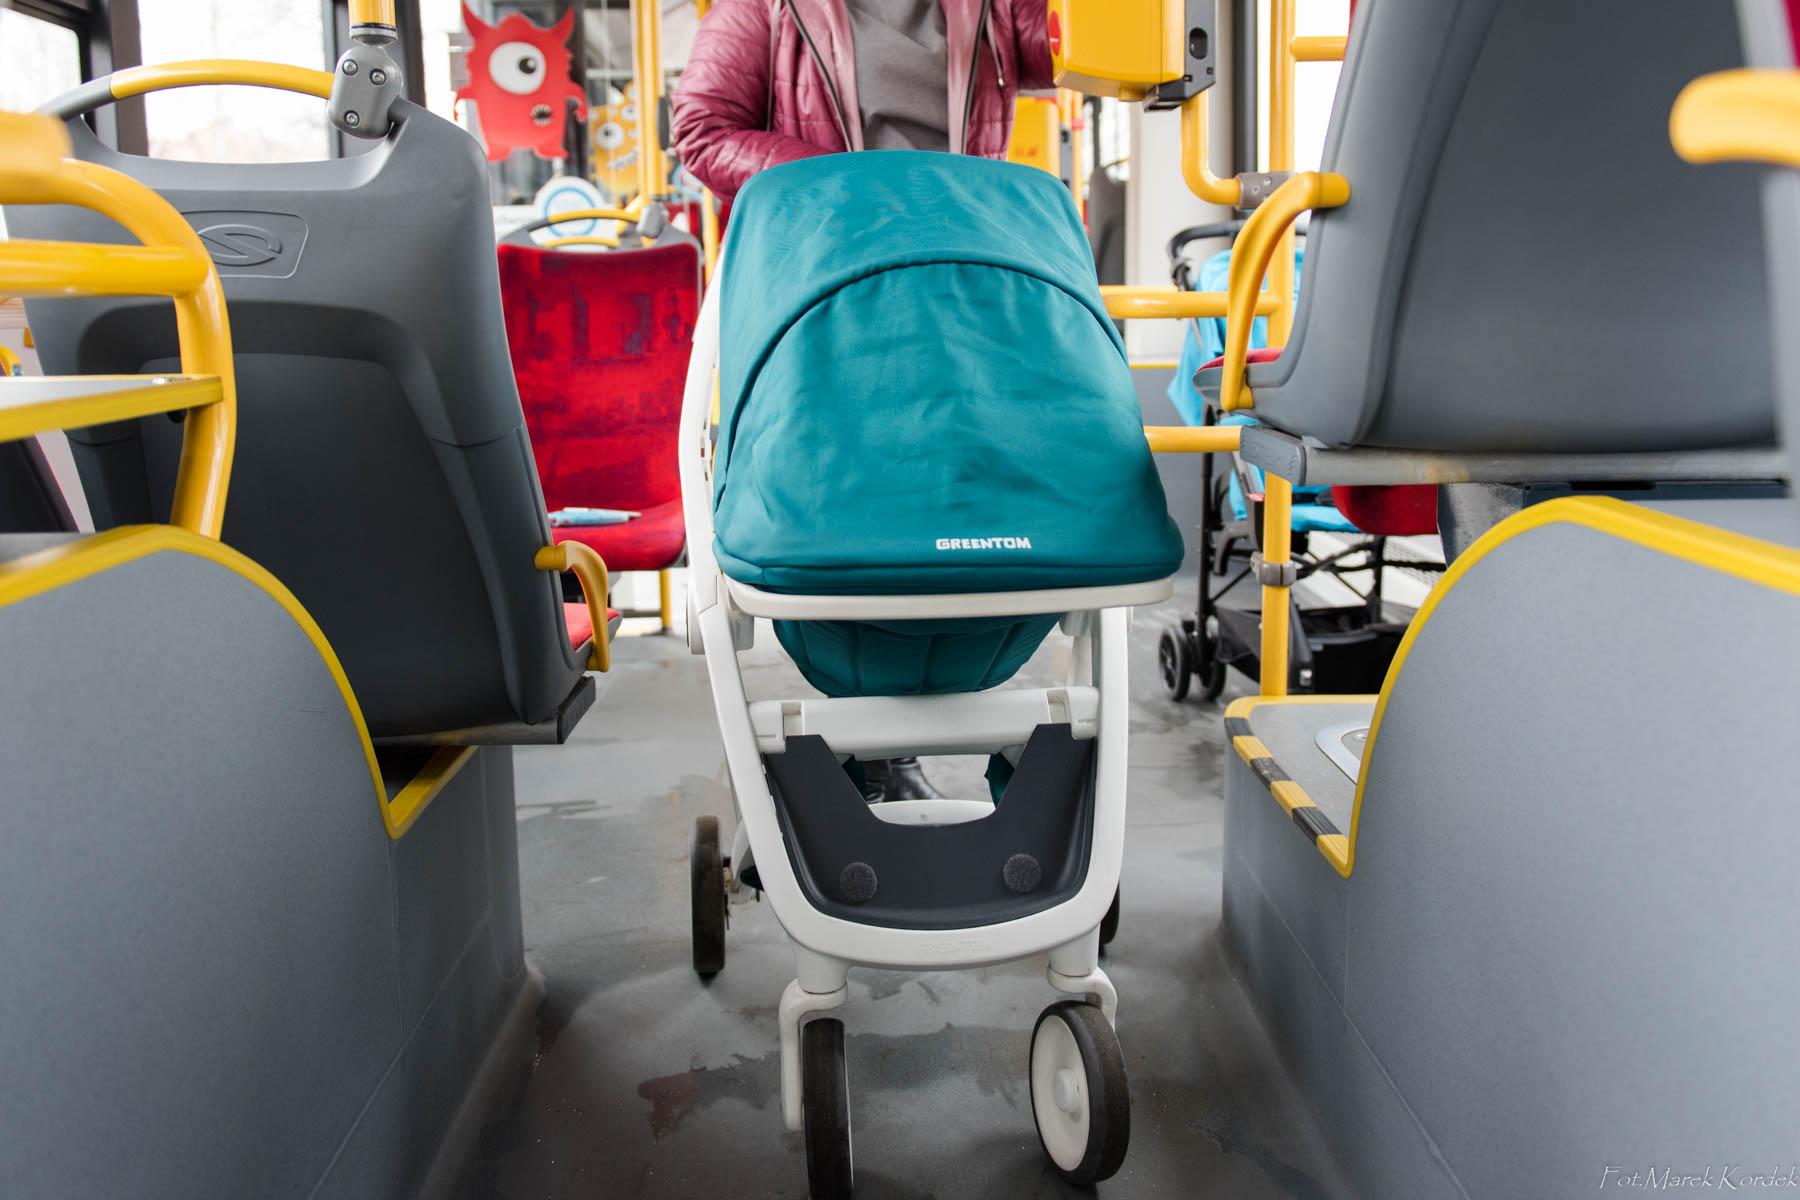 Jak bezpiecznie przewozić dziecko w komunikacji miejskiej wózek stojący w przejściu